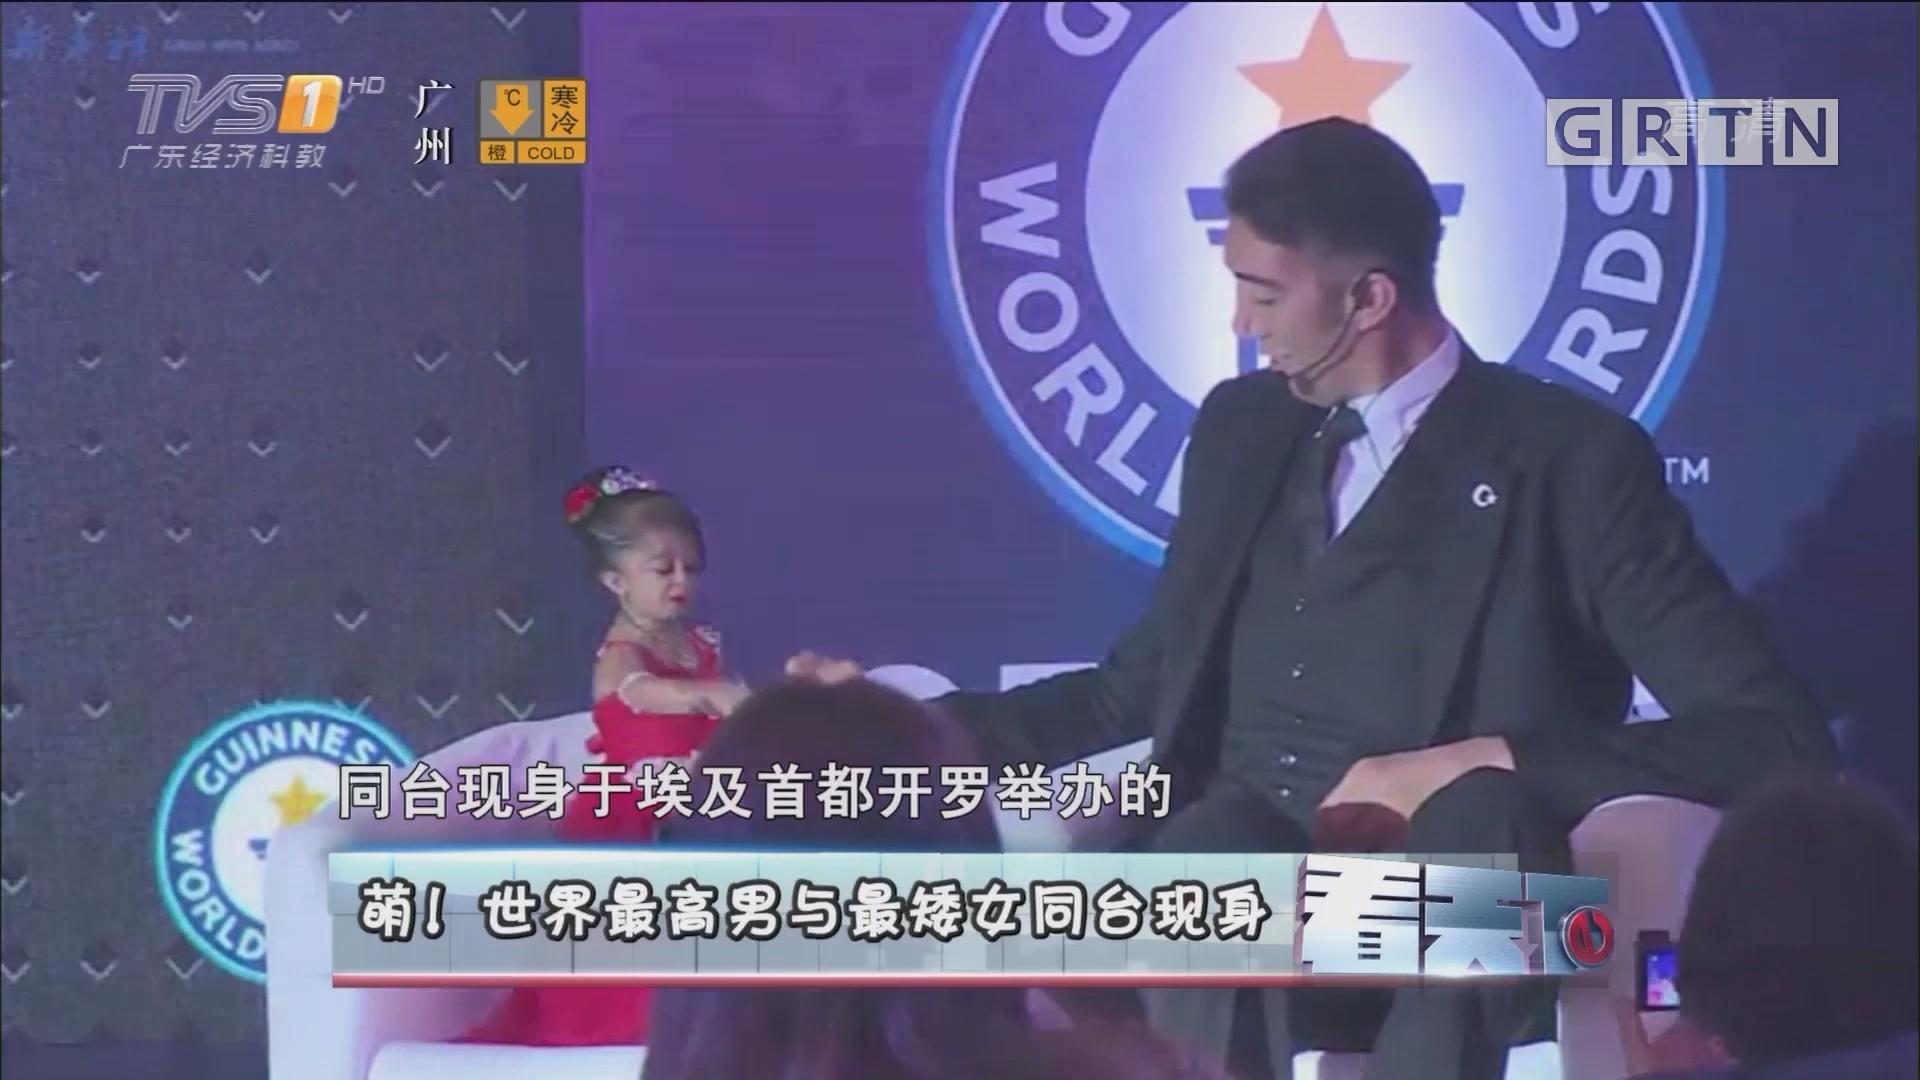 [HD][2018-01-31]看天下:萌! 世界最高男与最矮女同台现身